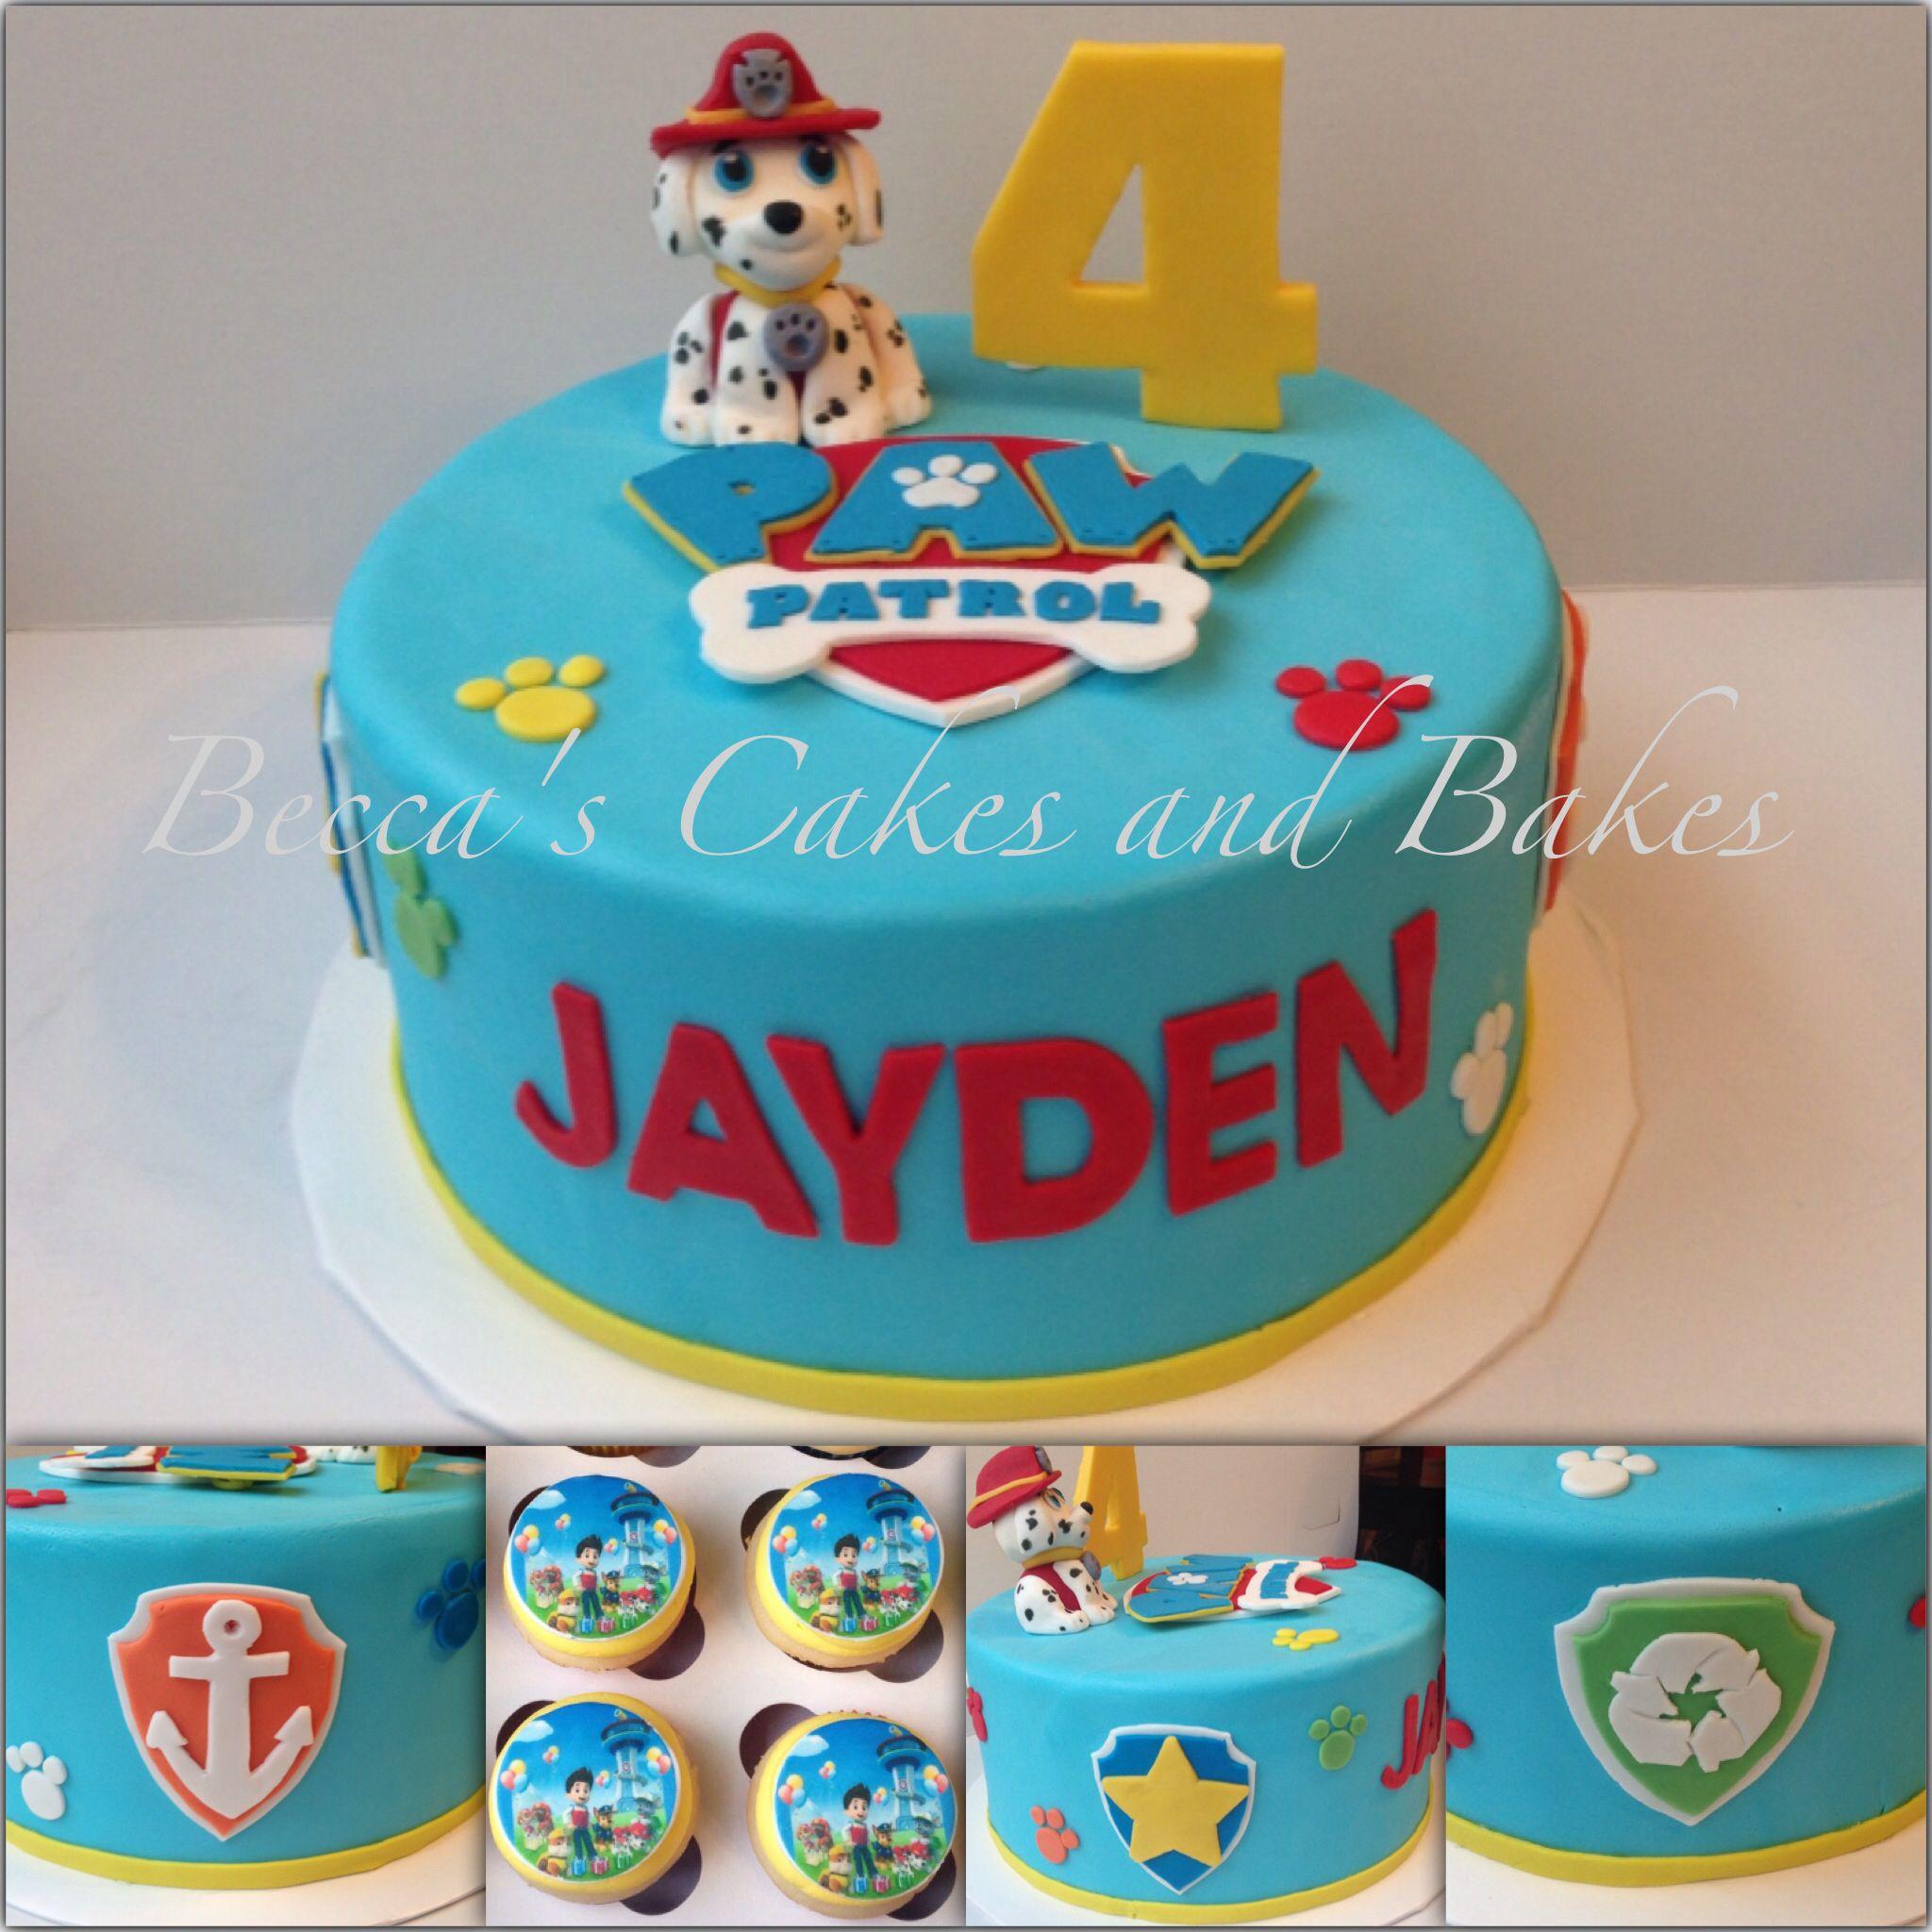 Paw Patrol Cake and cupcakesfeaturing Marshall Beccas Cakes